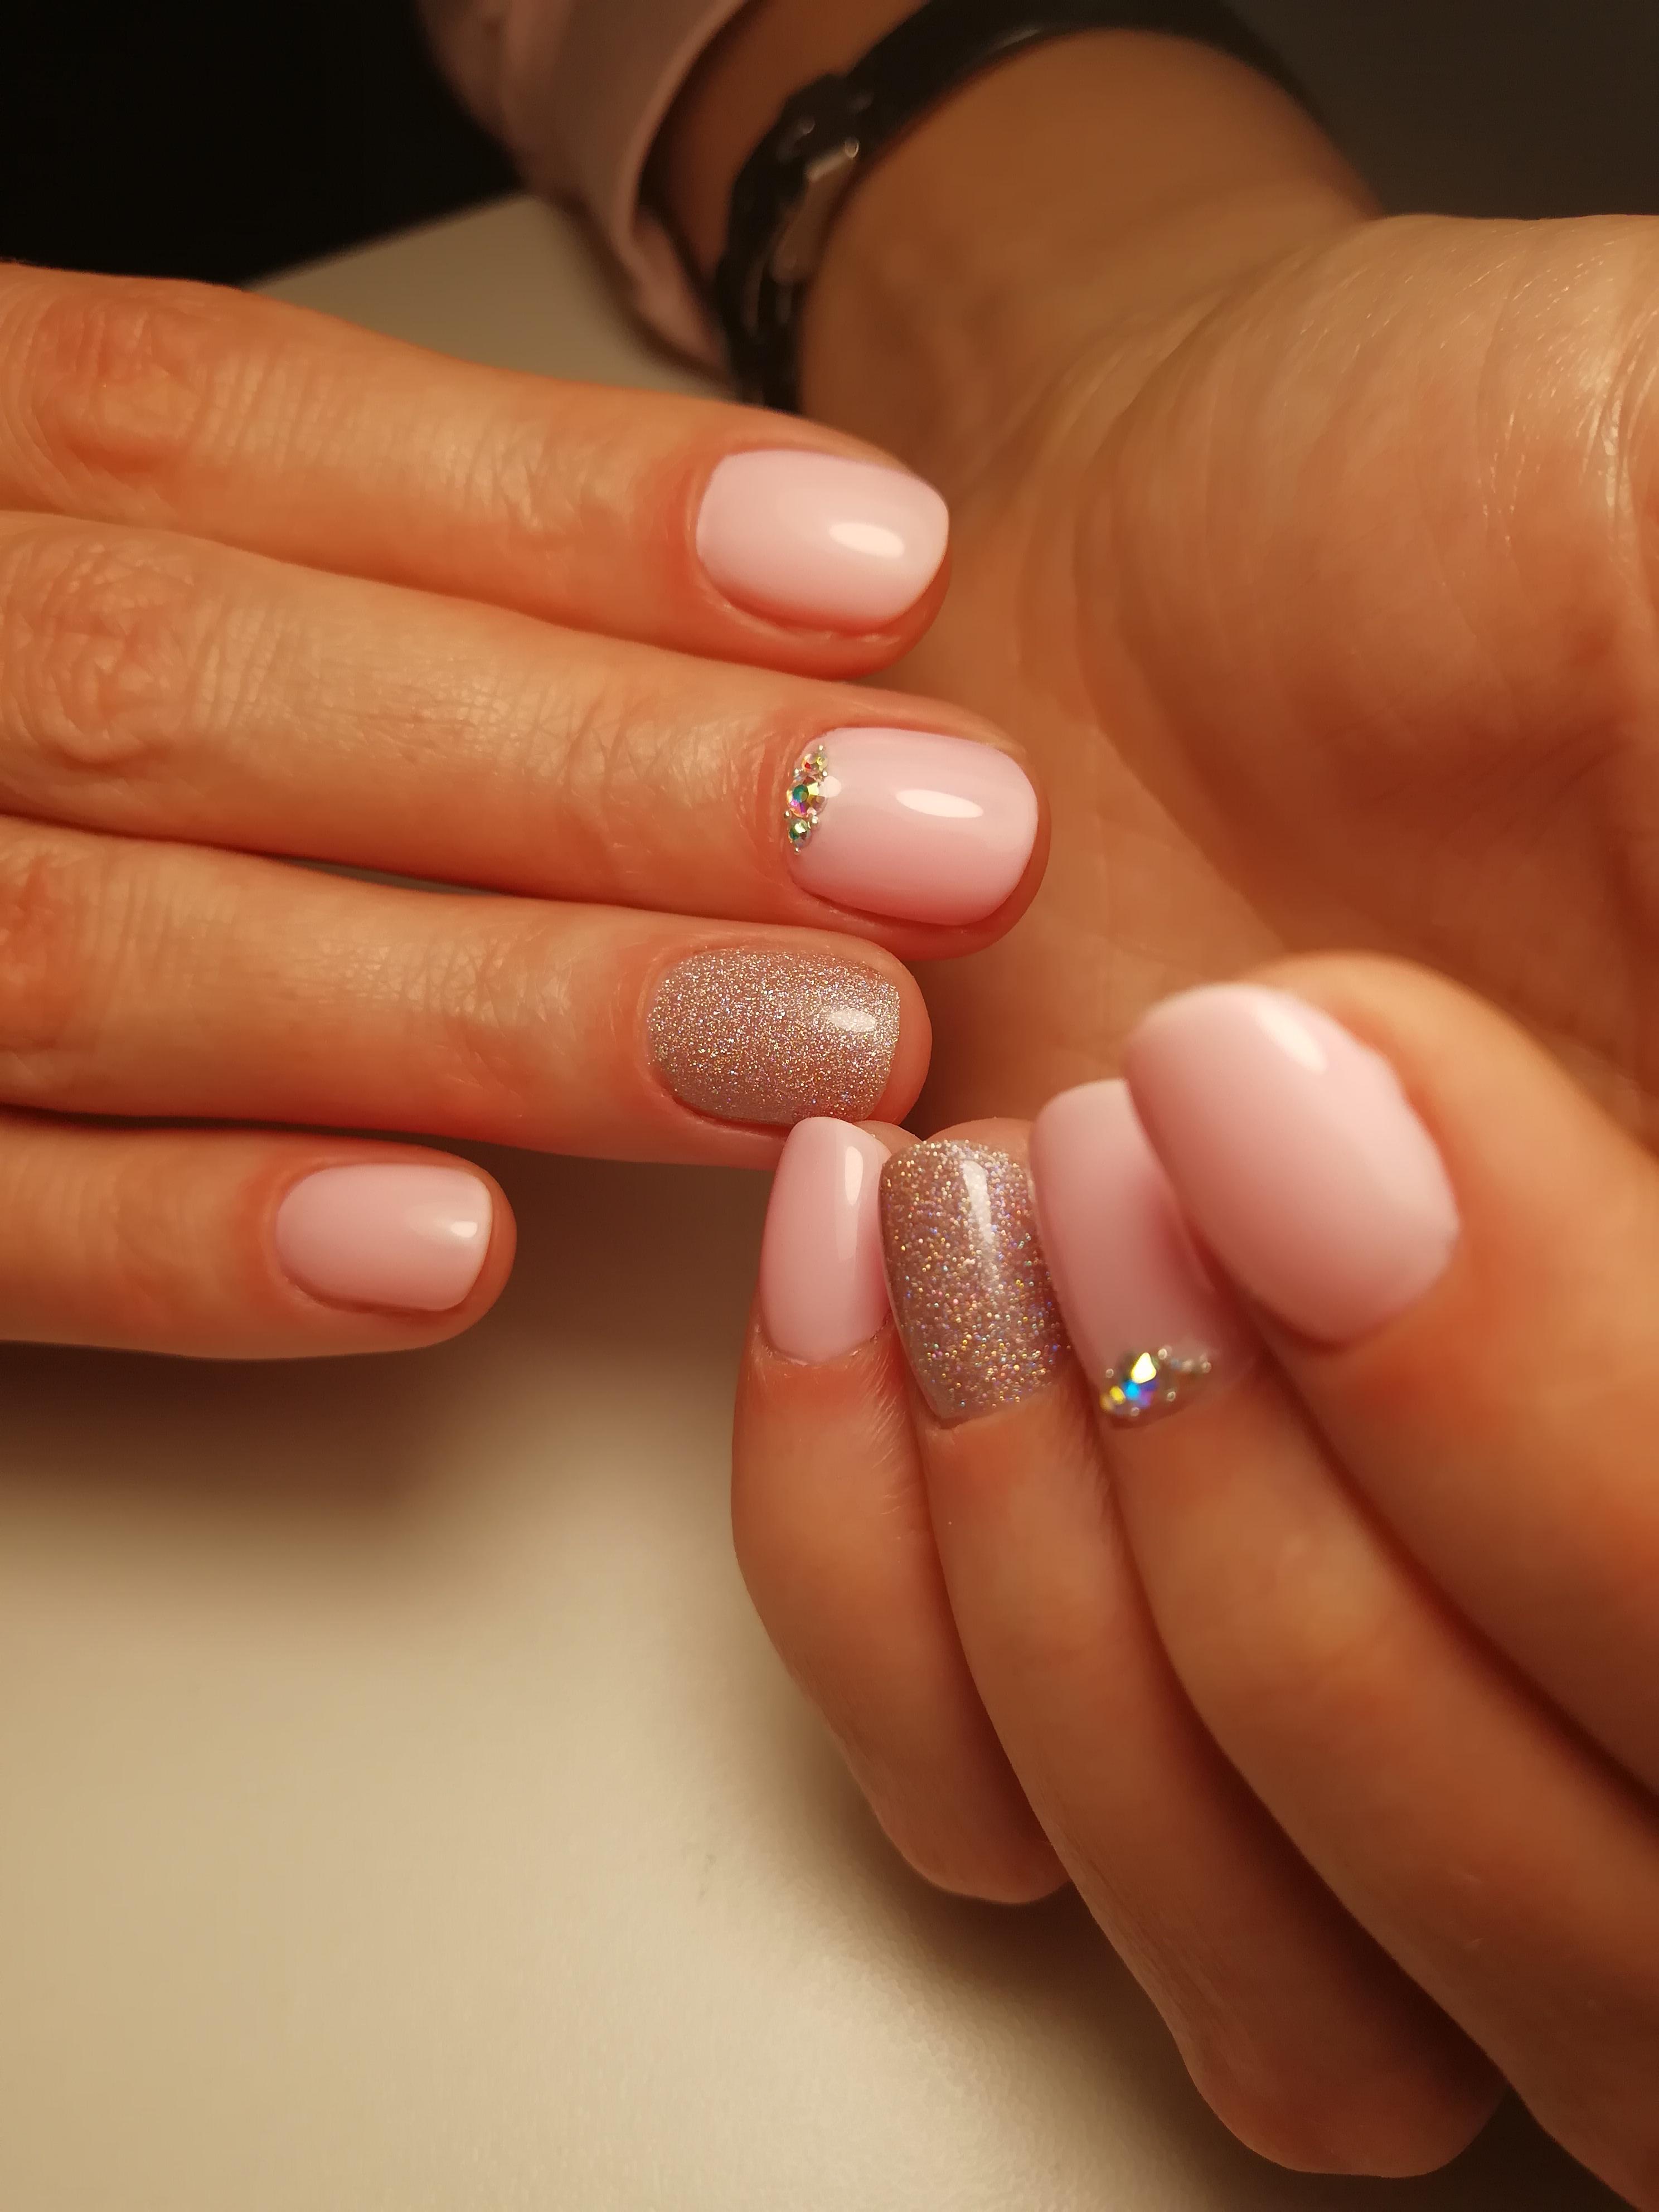 Маникюр с блестками и стразами в розовом цвете.